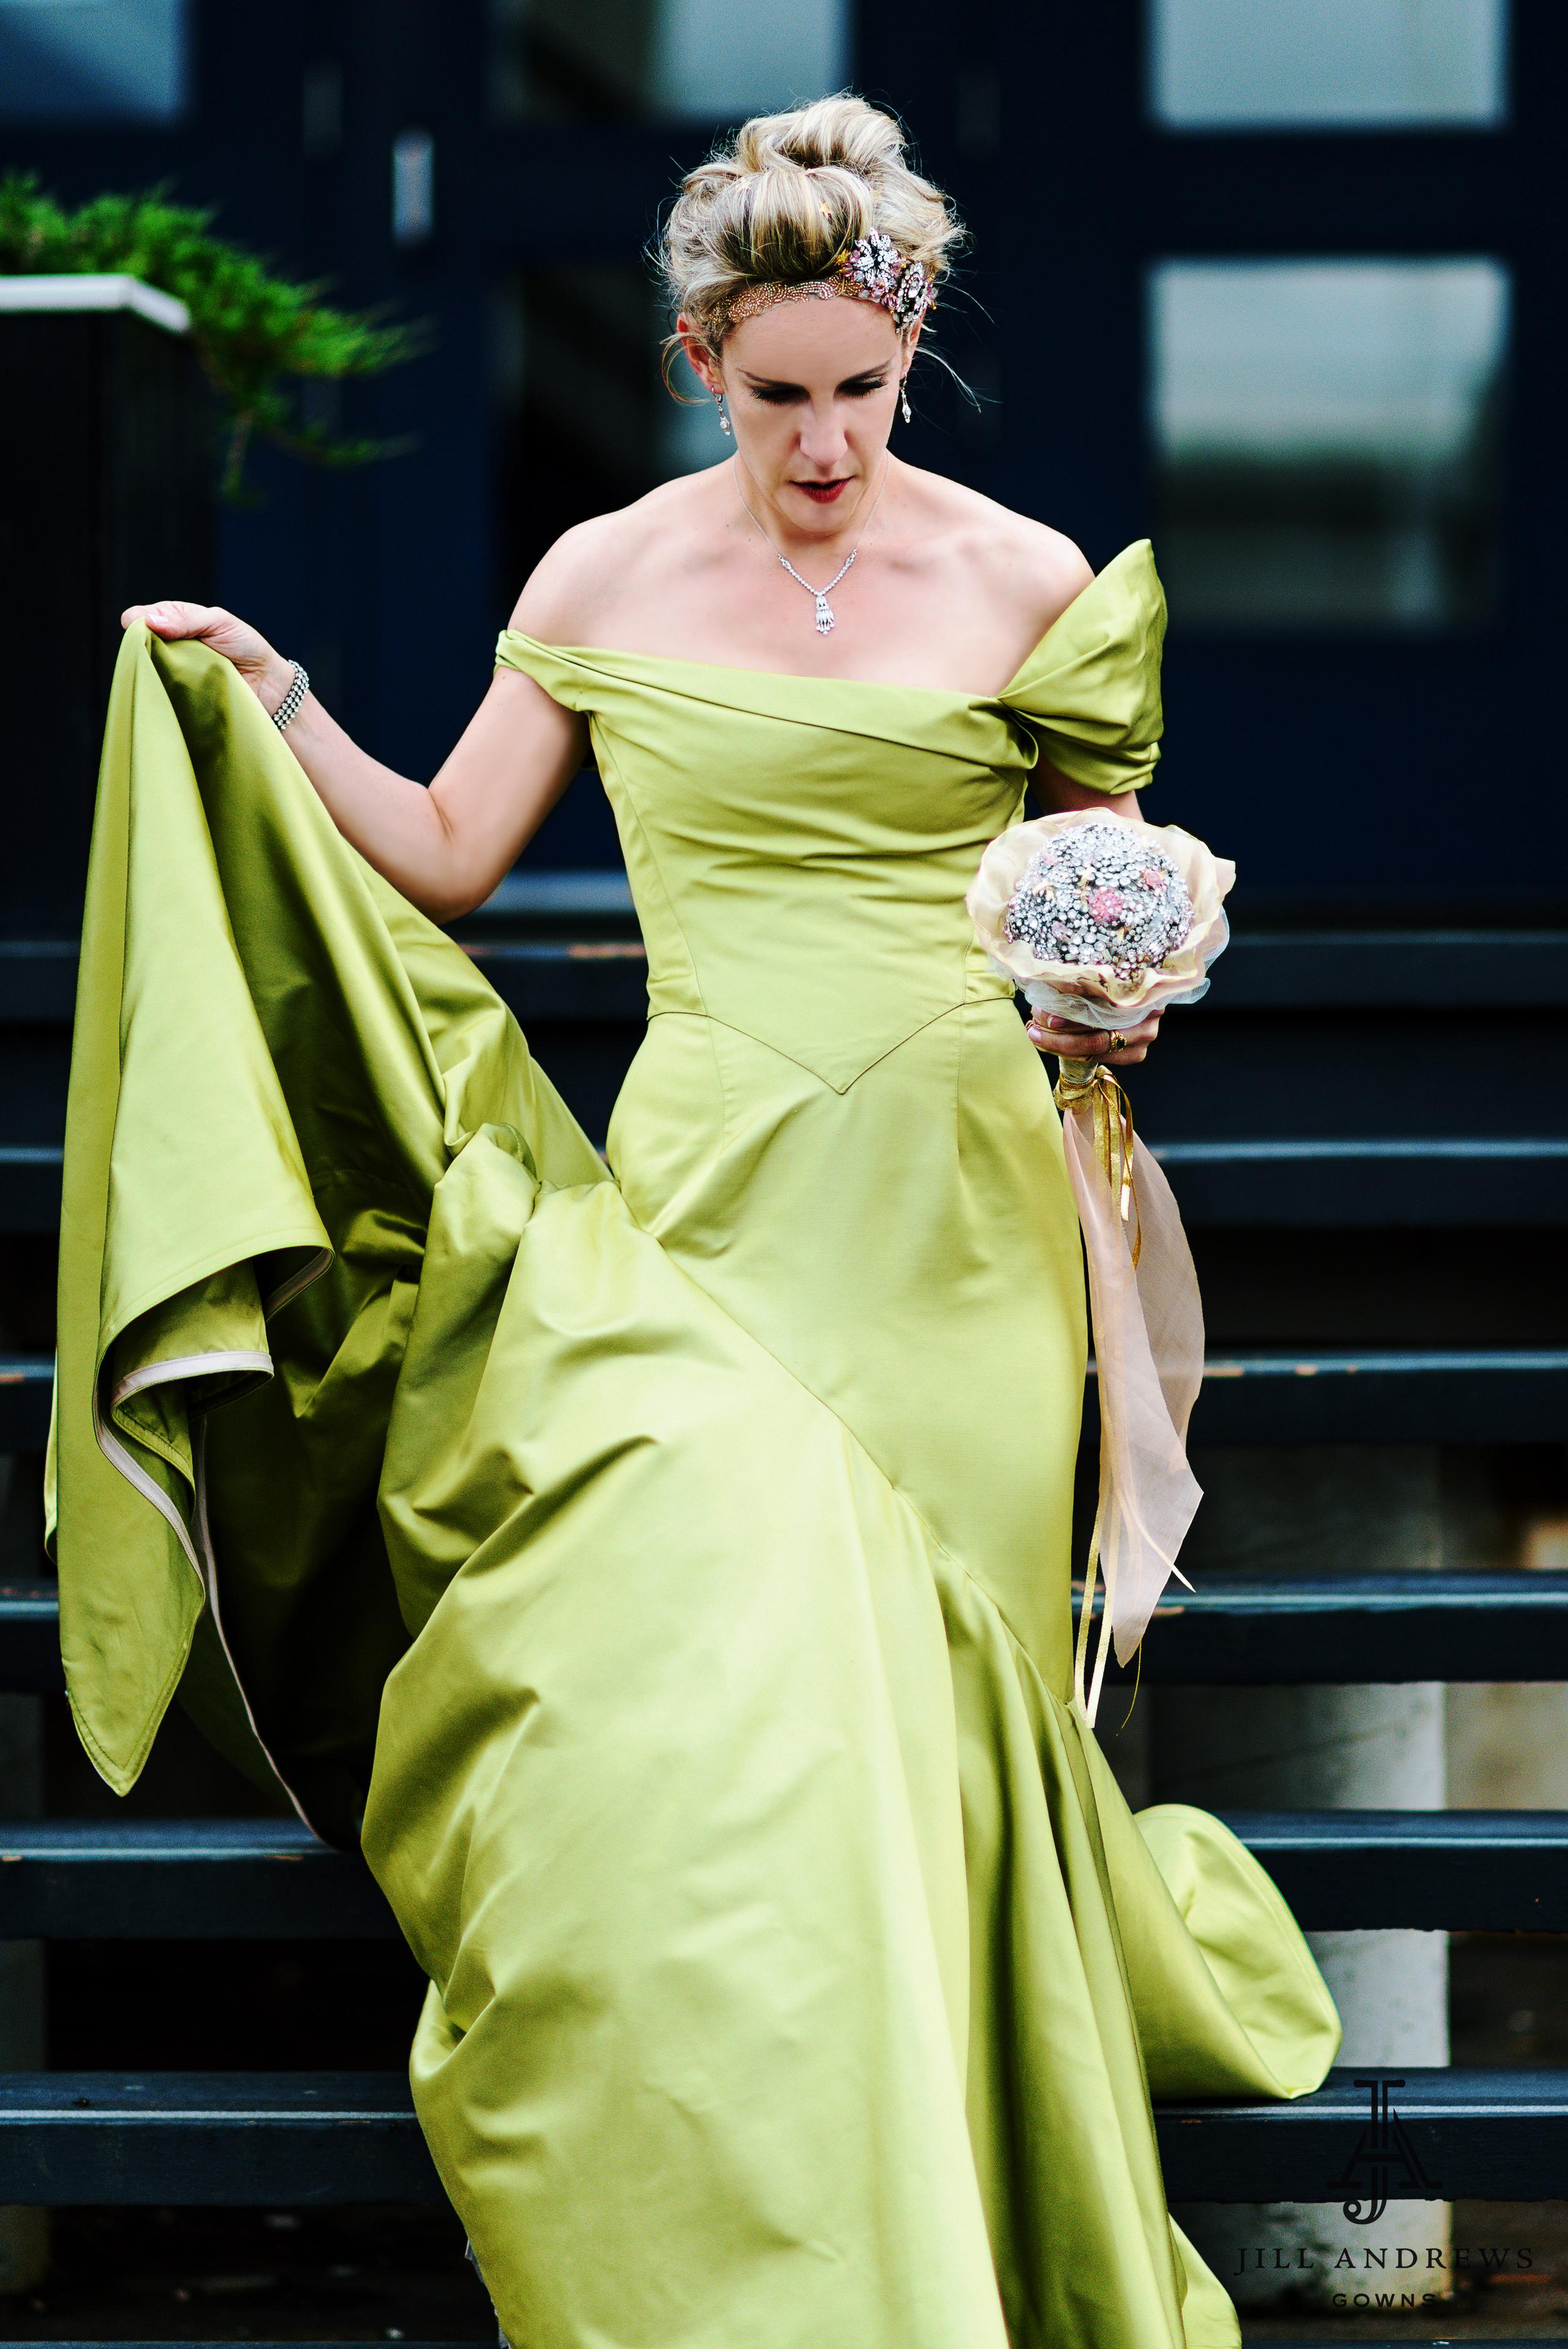 Bride in asymmetrical custom wedding dress